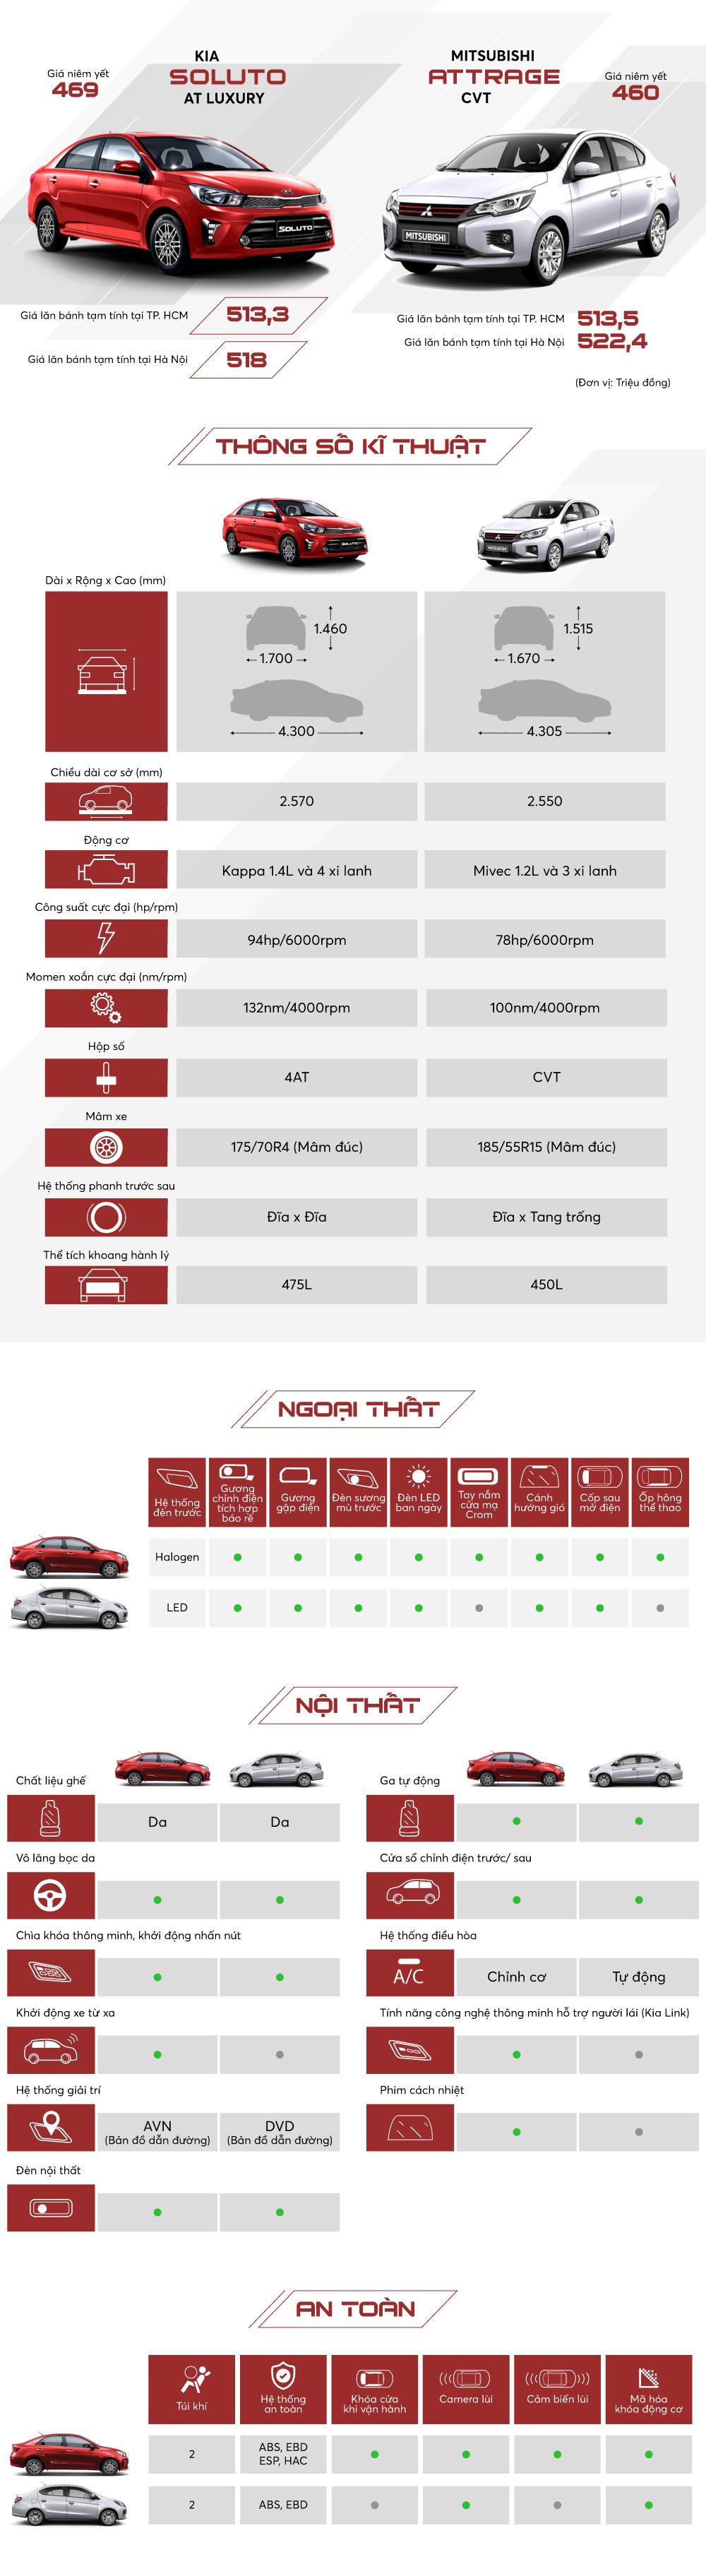 Soluto và Attrage  chọn sedan nào tầm giá 500 triệu đồng